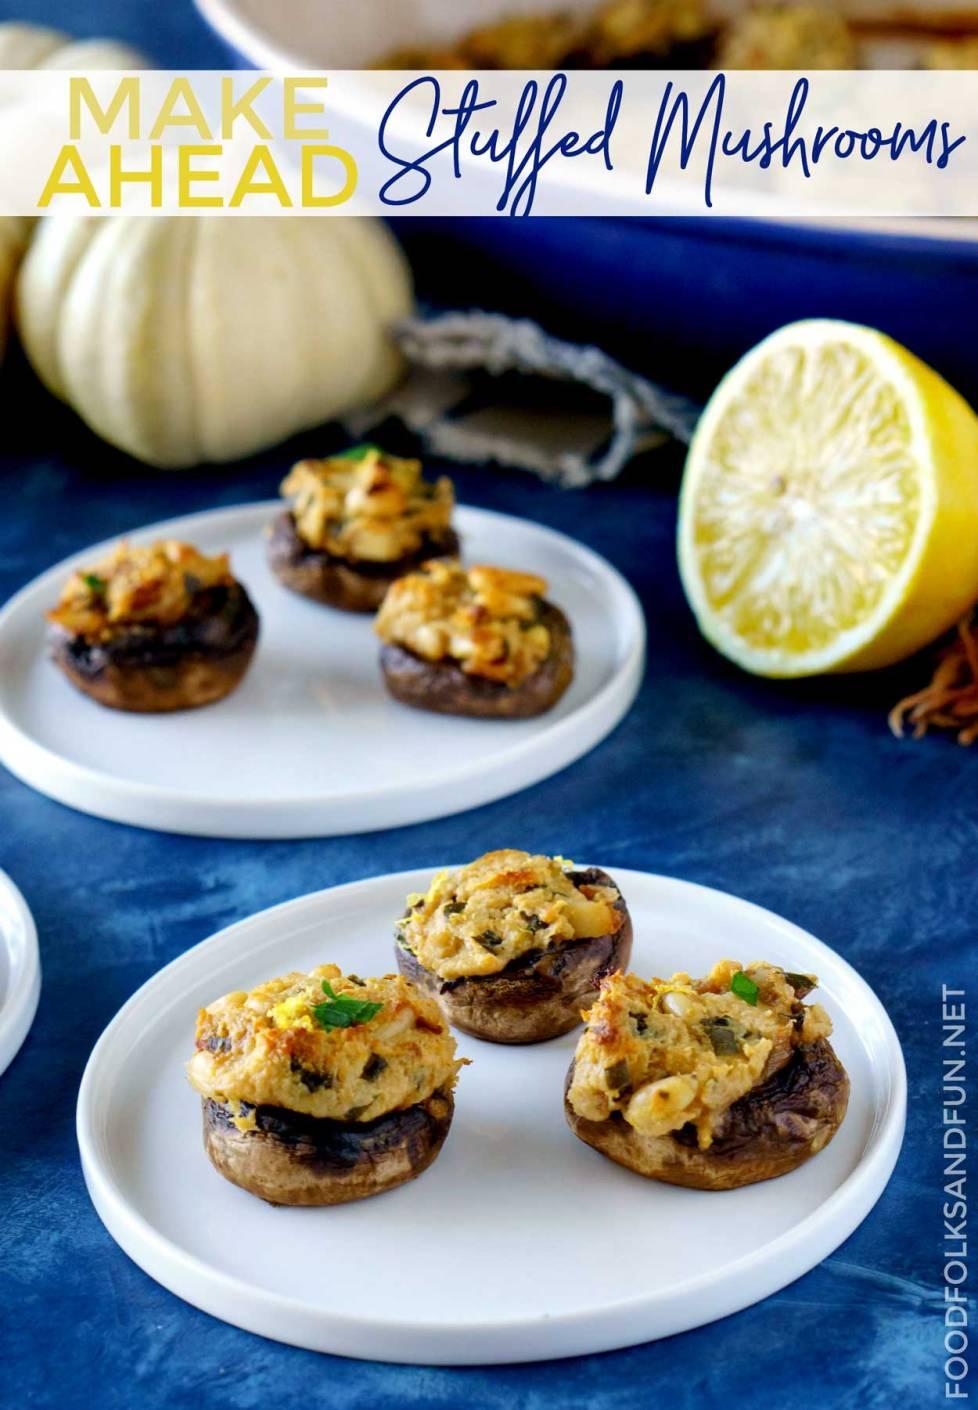 Stuffed mushrooms on white plates.